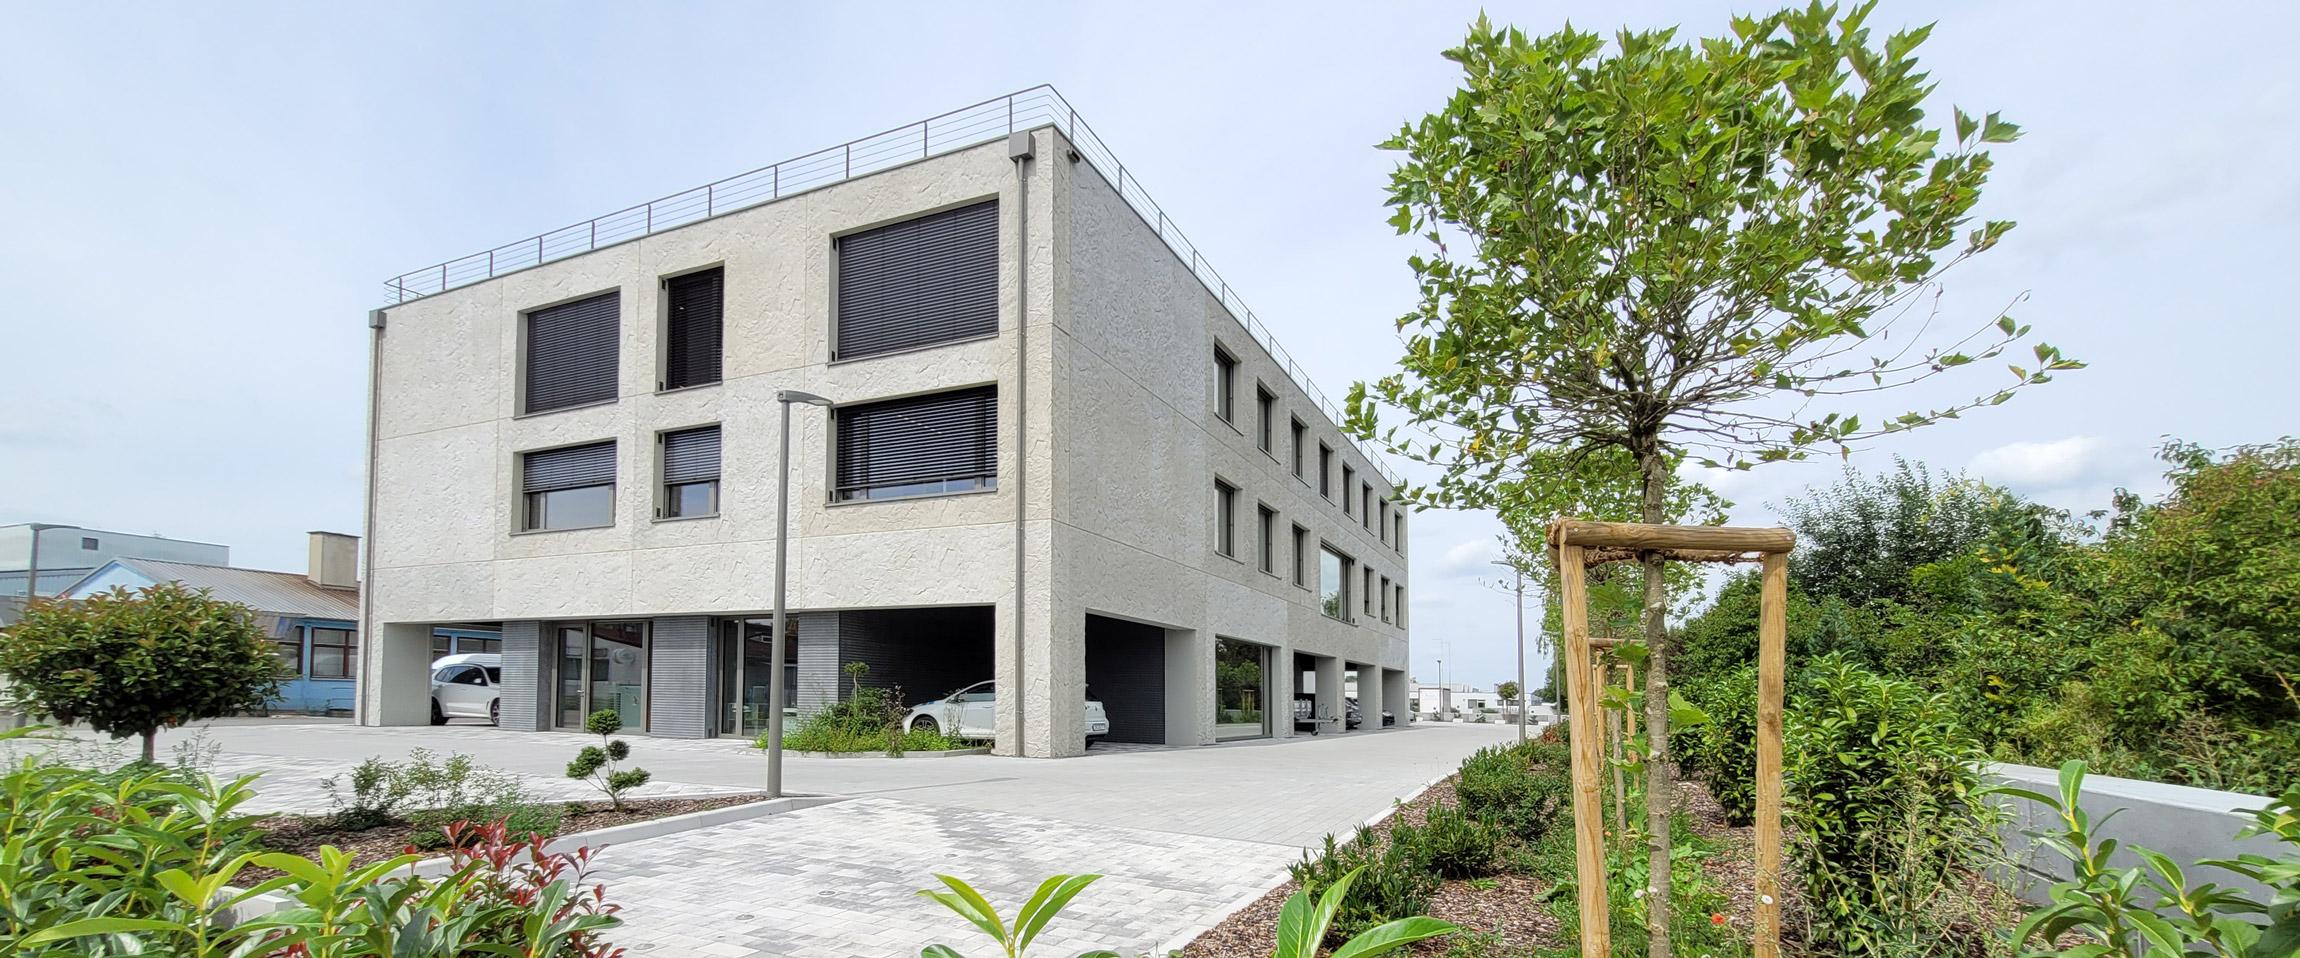 Neubau Zuber Hauptquartier